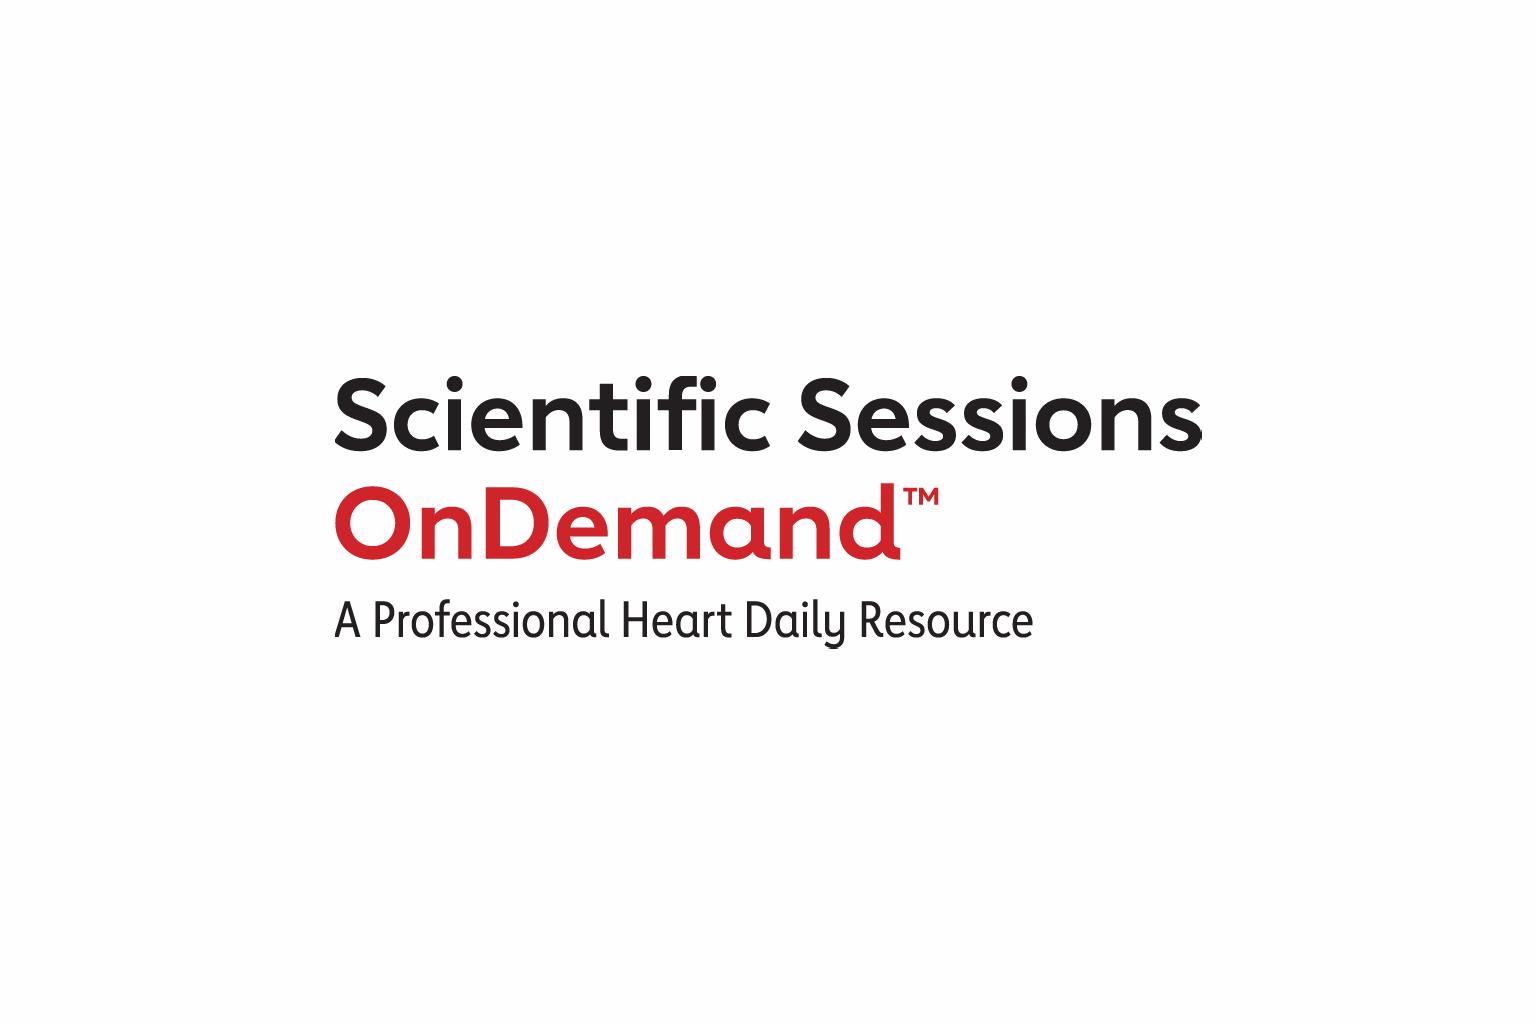 AHA Scientific Sessions OnDemand logo